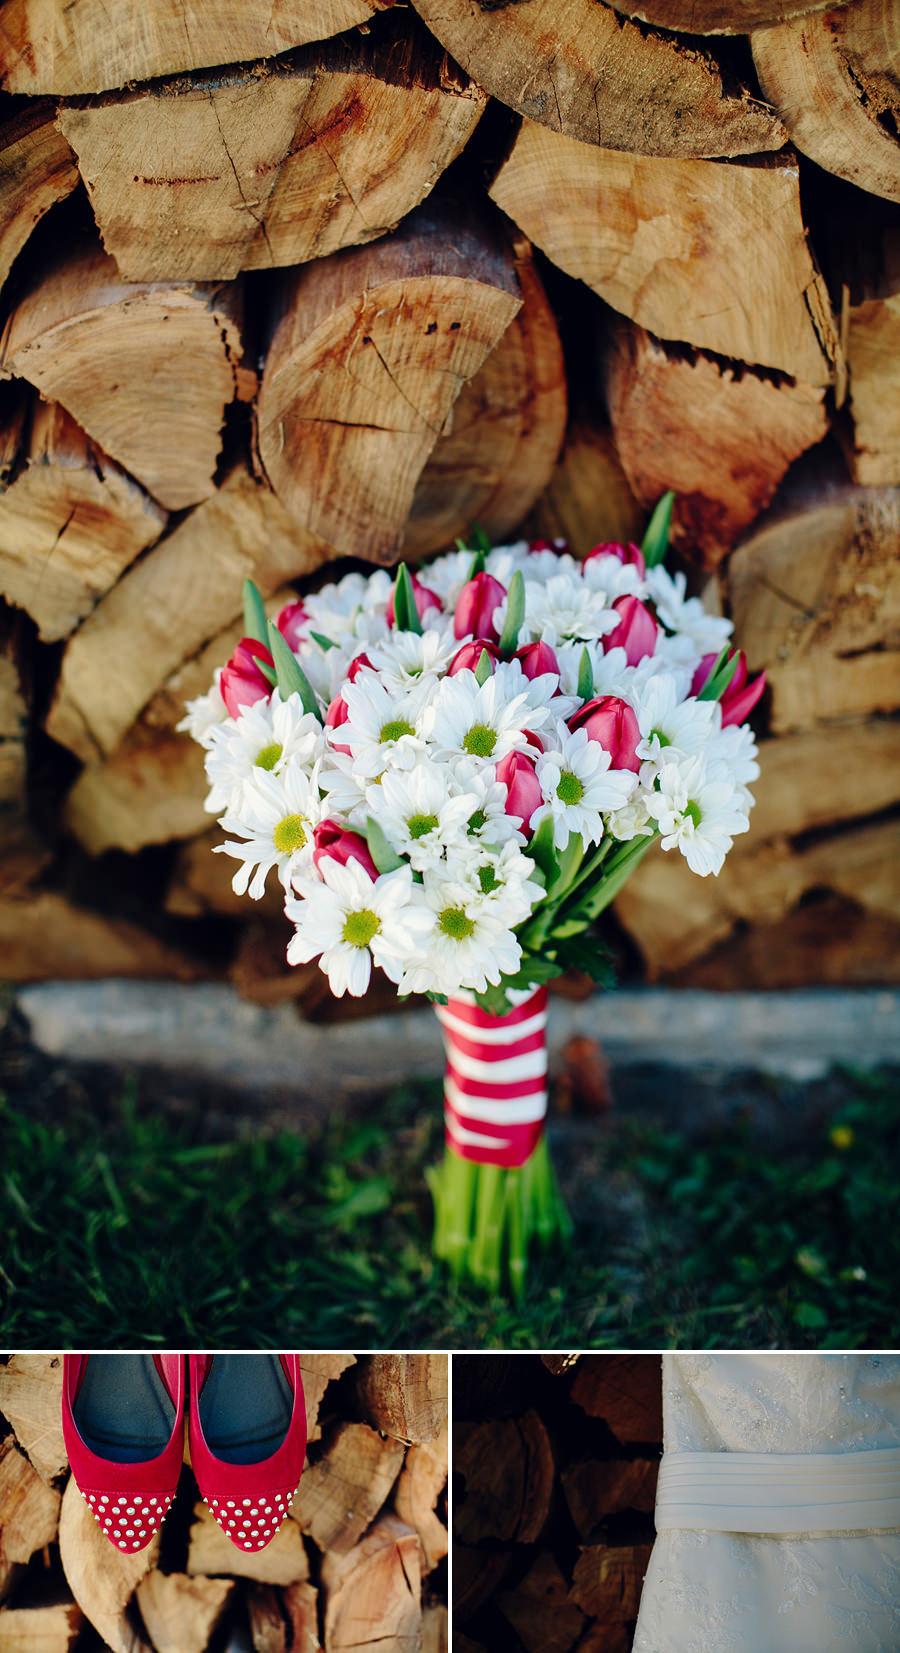 Queanbeyan Wedding Photographer: Bouquet